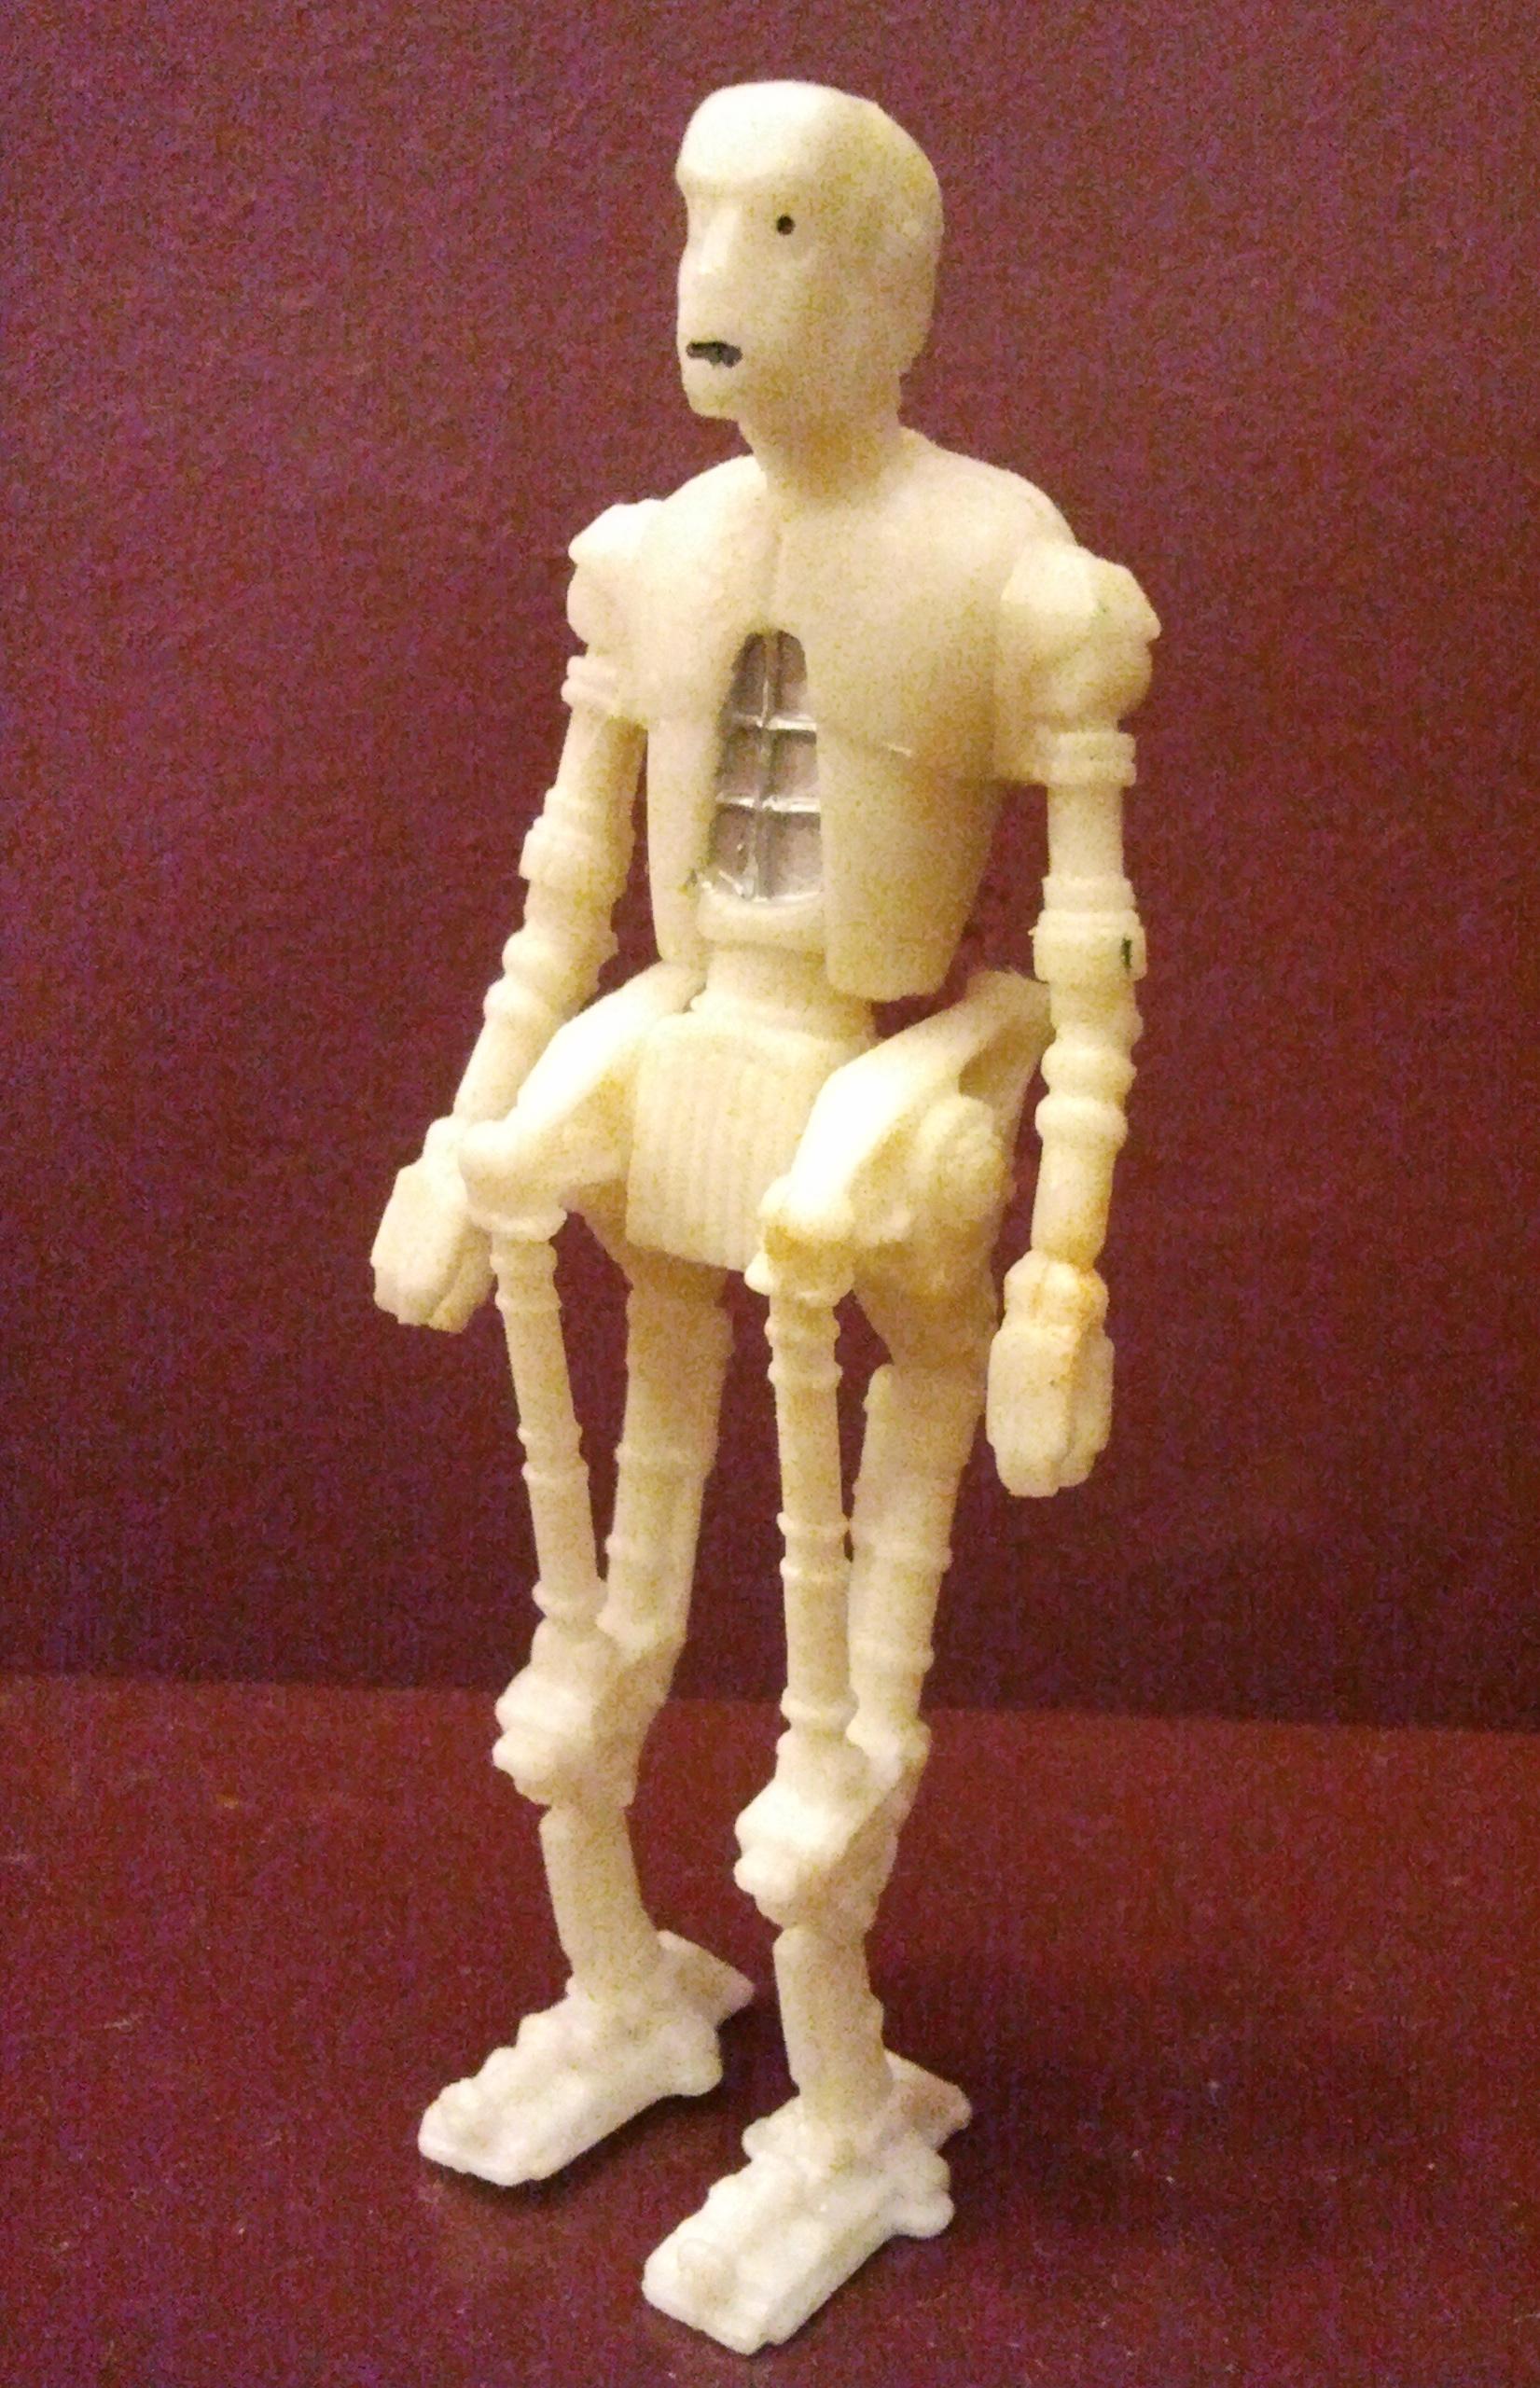 Robot 8D8 - dosłowny biały kruk